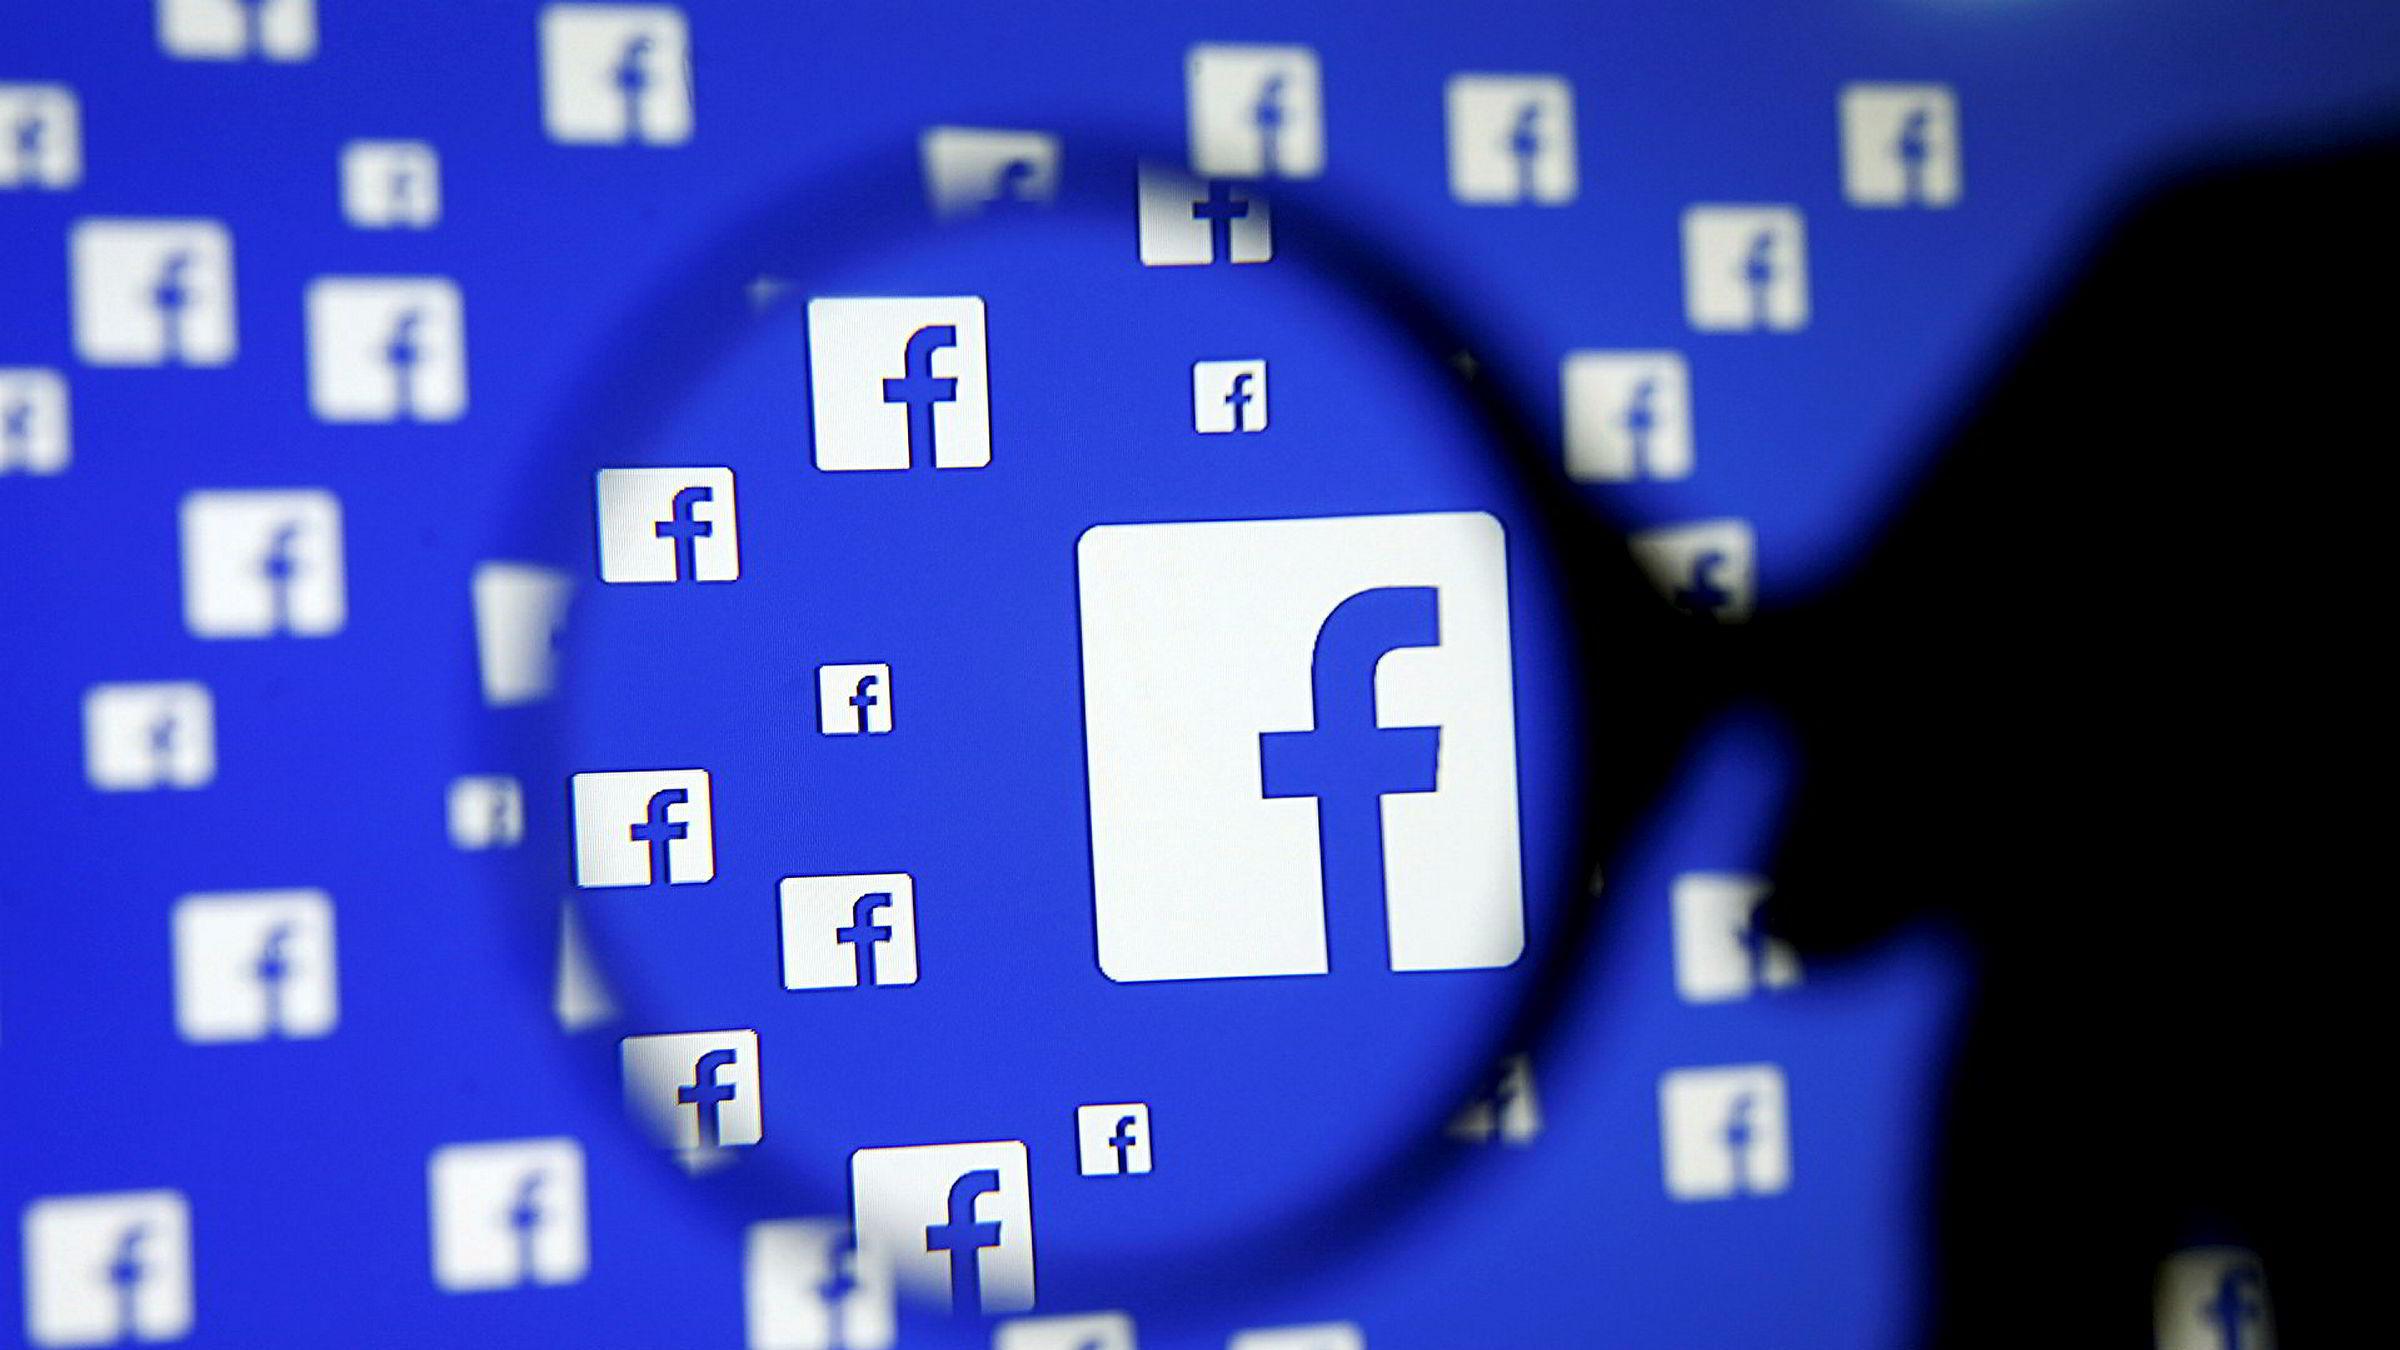 Facebook stanset et robot-eksperiment etter at robotene utviklet sitt eget språk.